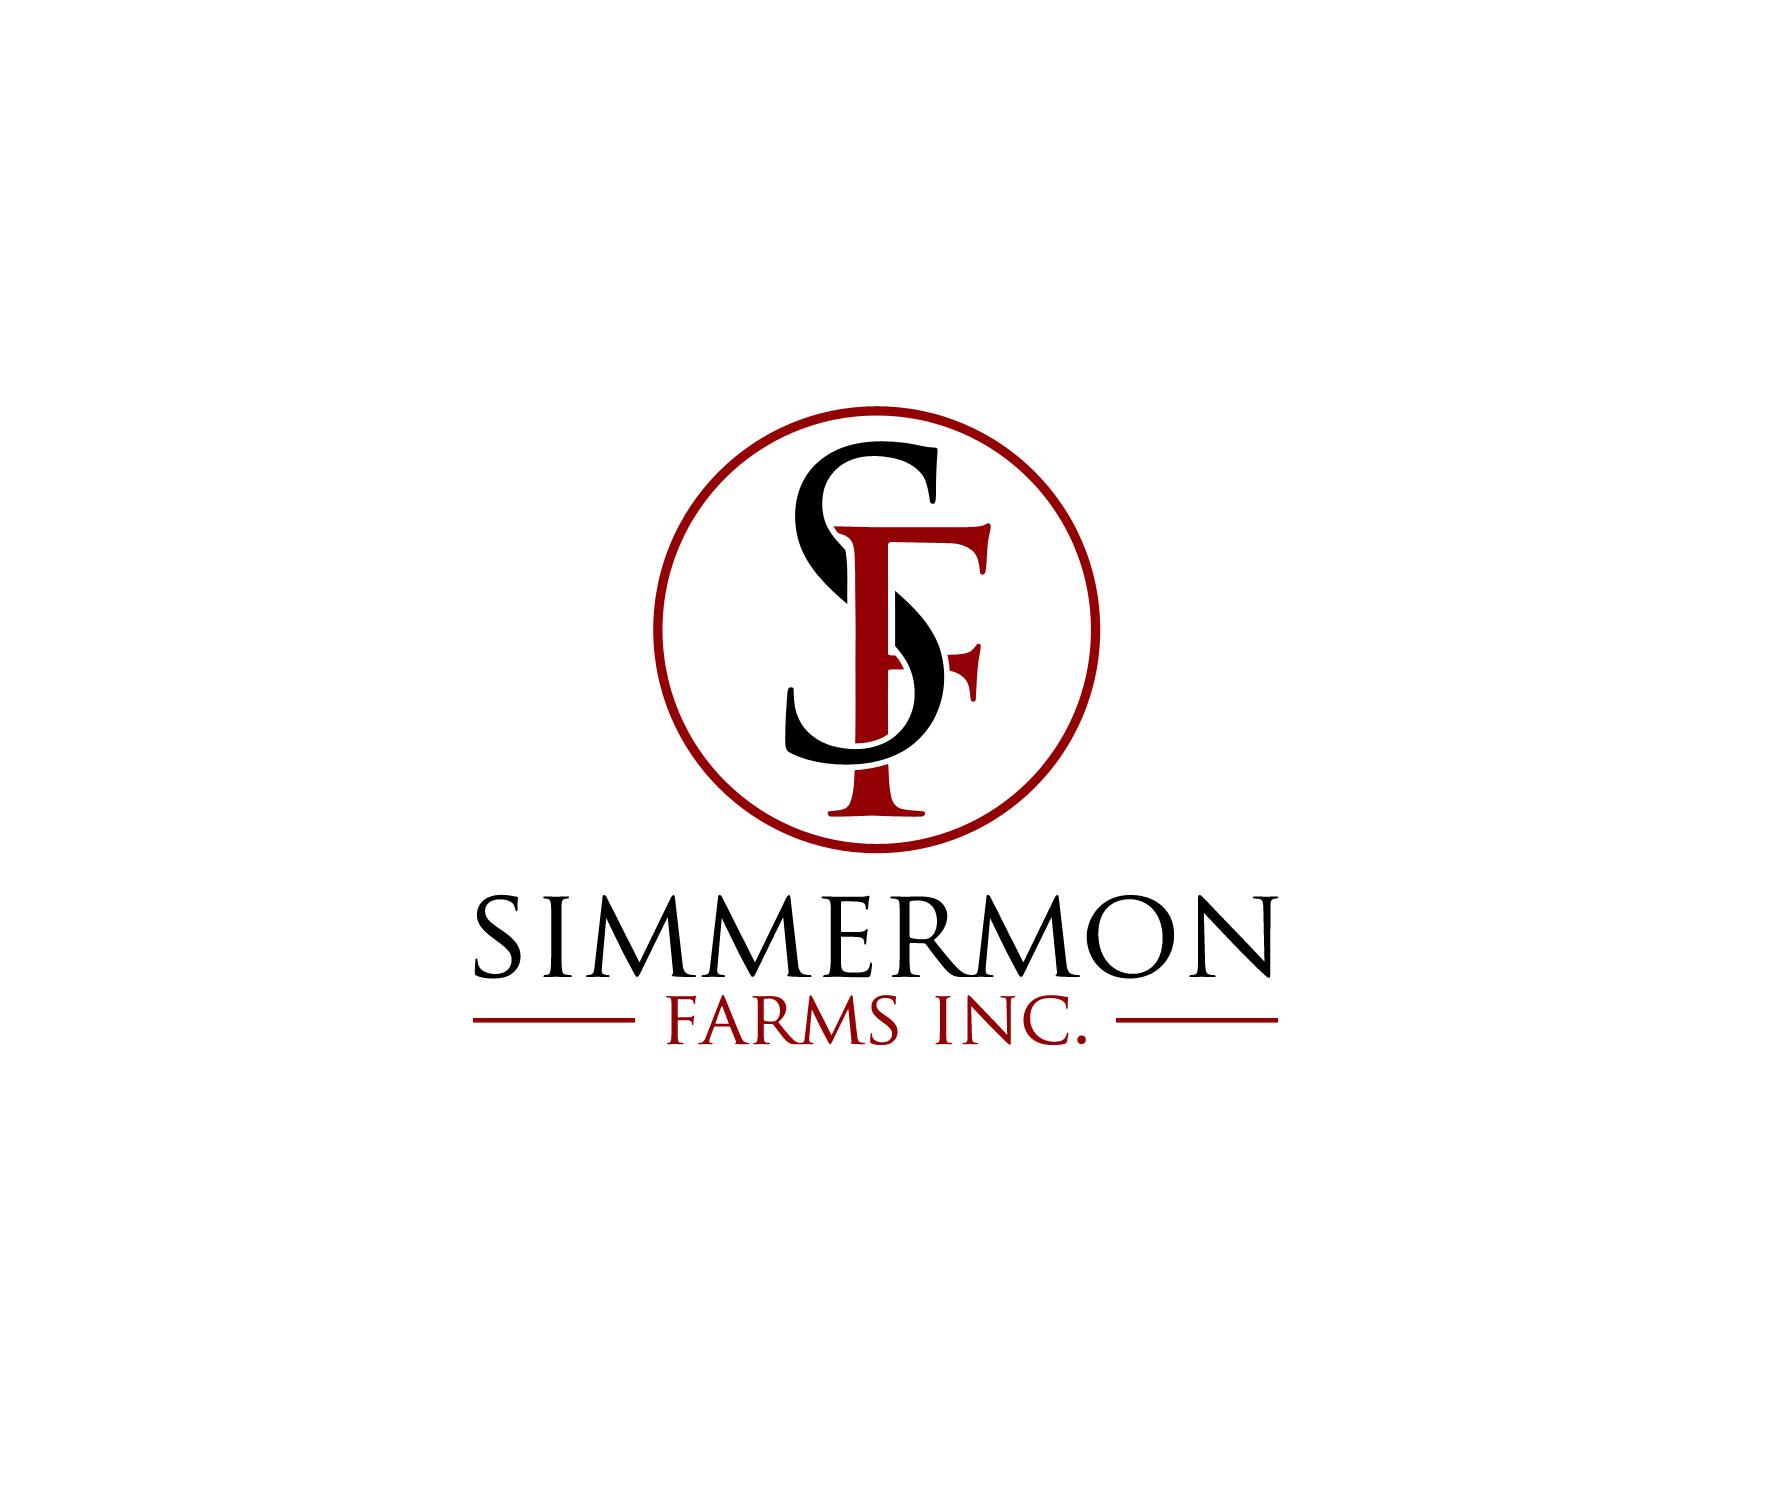 Simmermon Farms